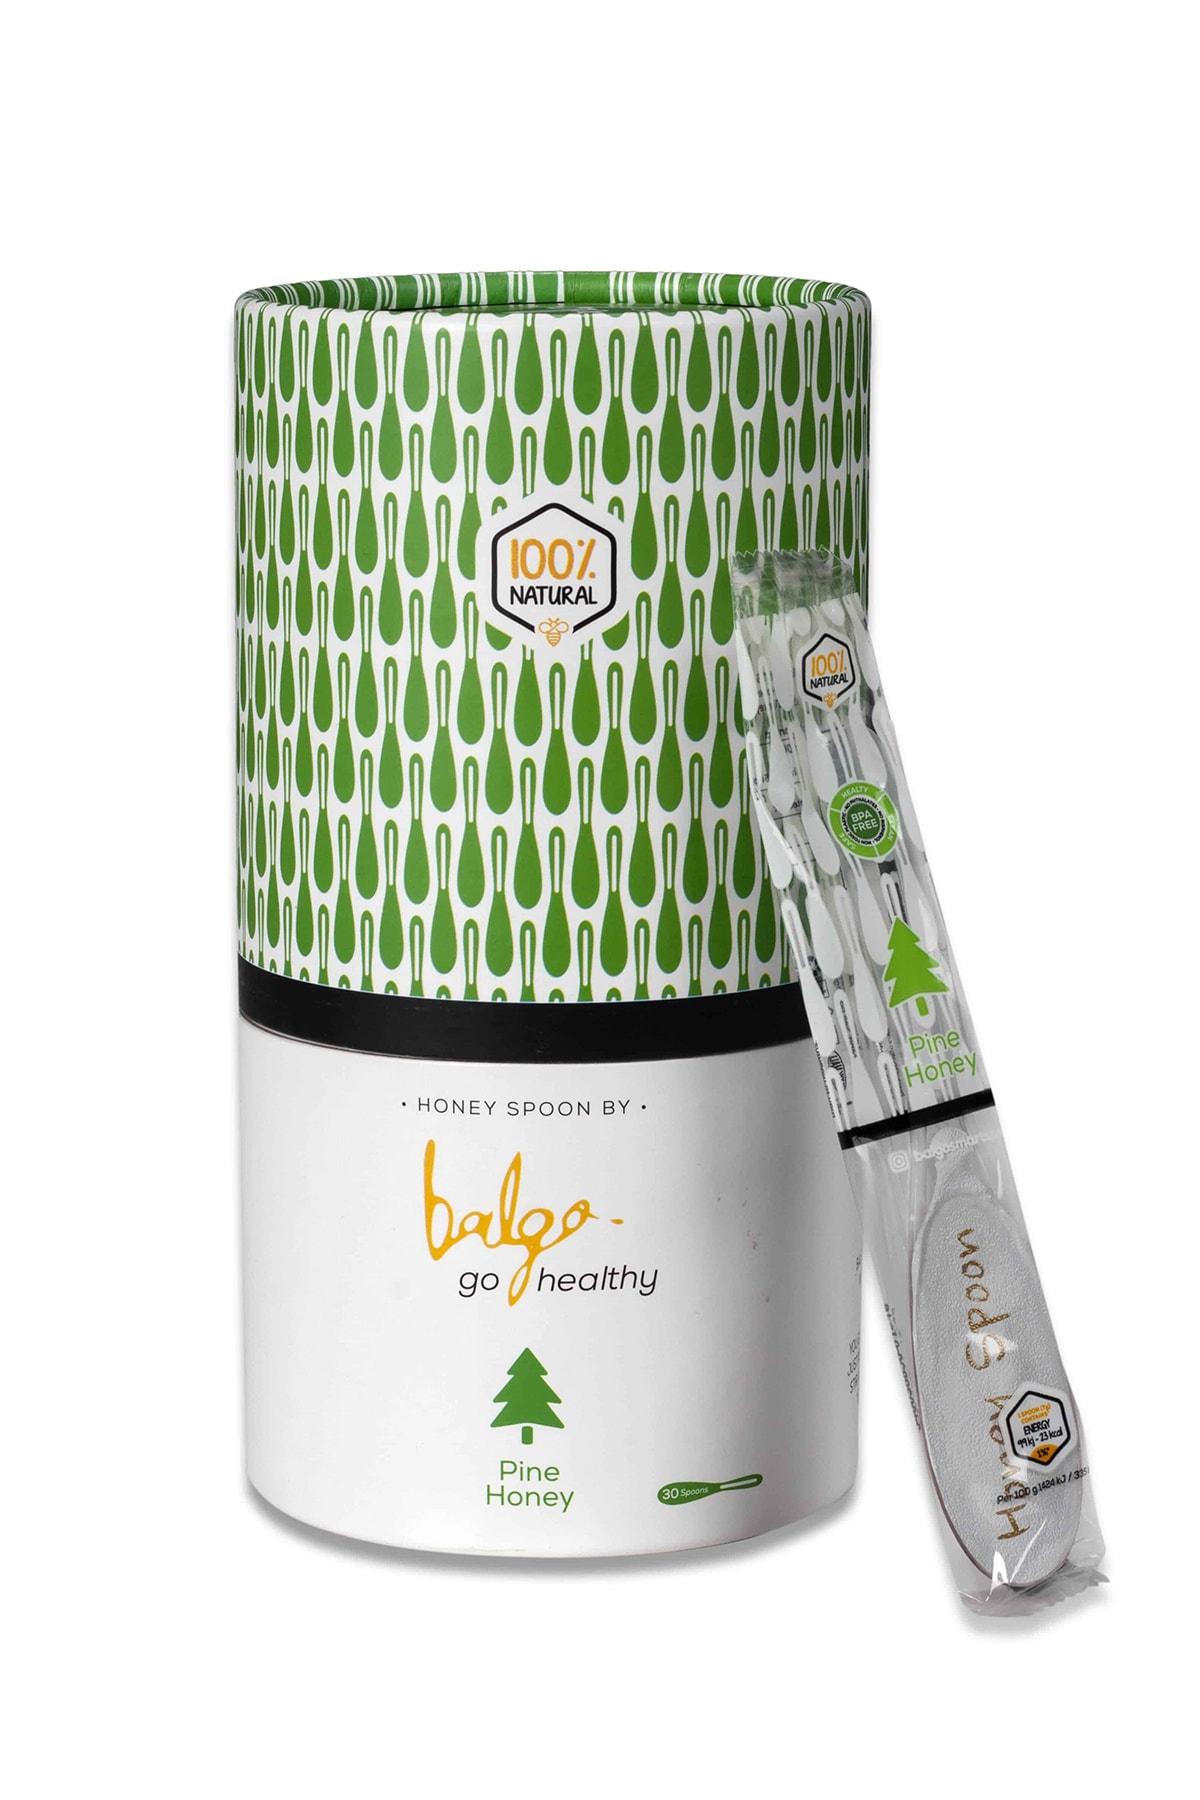 ملاعق عسل الصنوبر الطبيعية ماركة BAGLO عدد 30 ظرف مقوي وصحي من تركيا